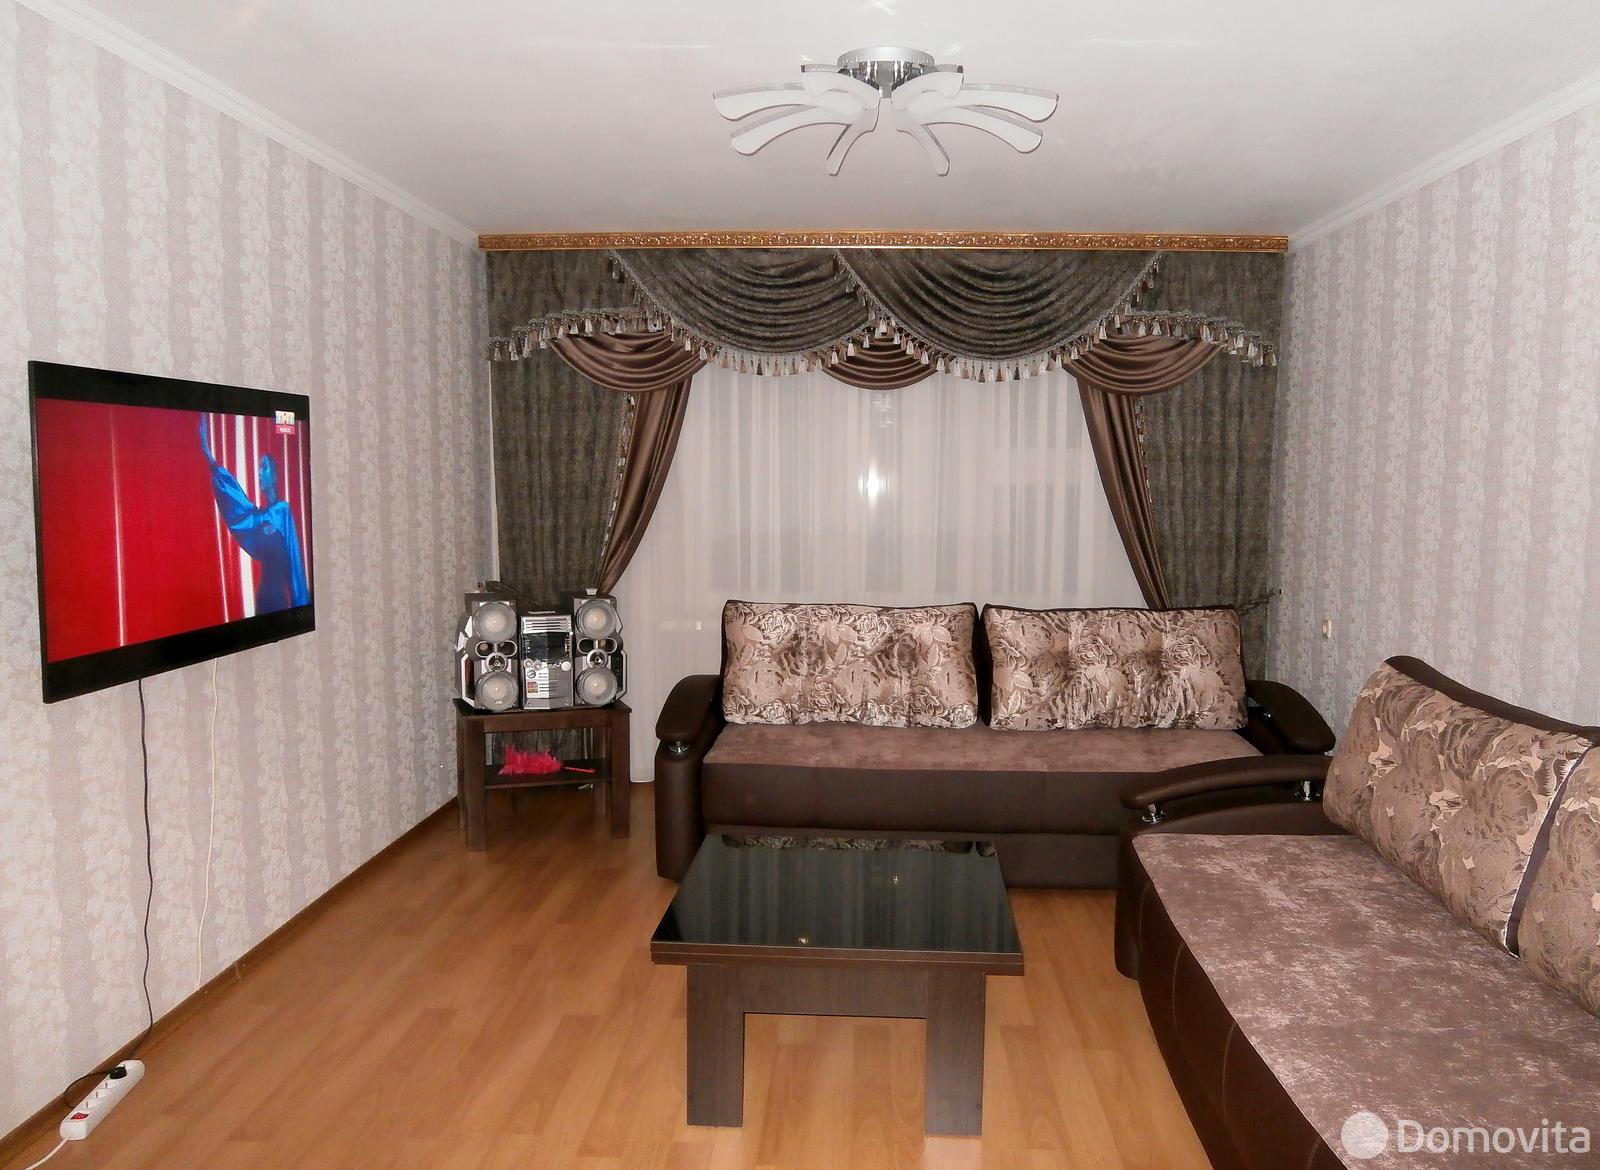 3-комнатная квартира на сутки в Осиповичах, ул. Сумченко, д. 83 - фото 3